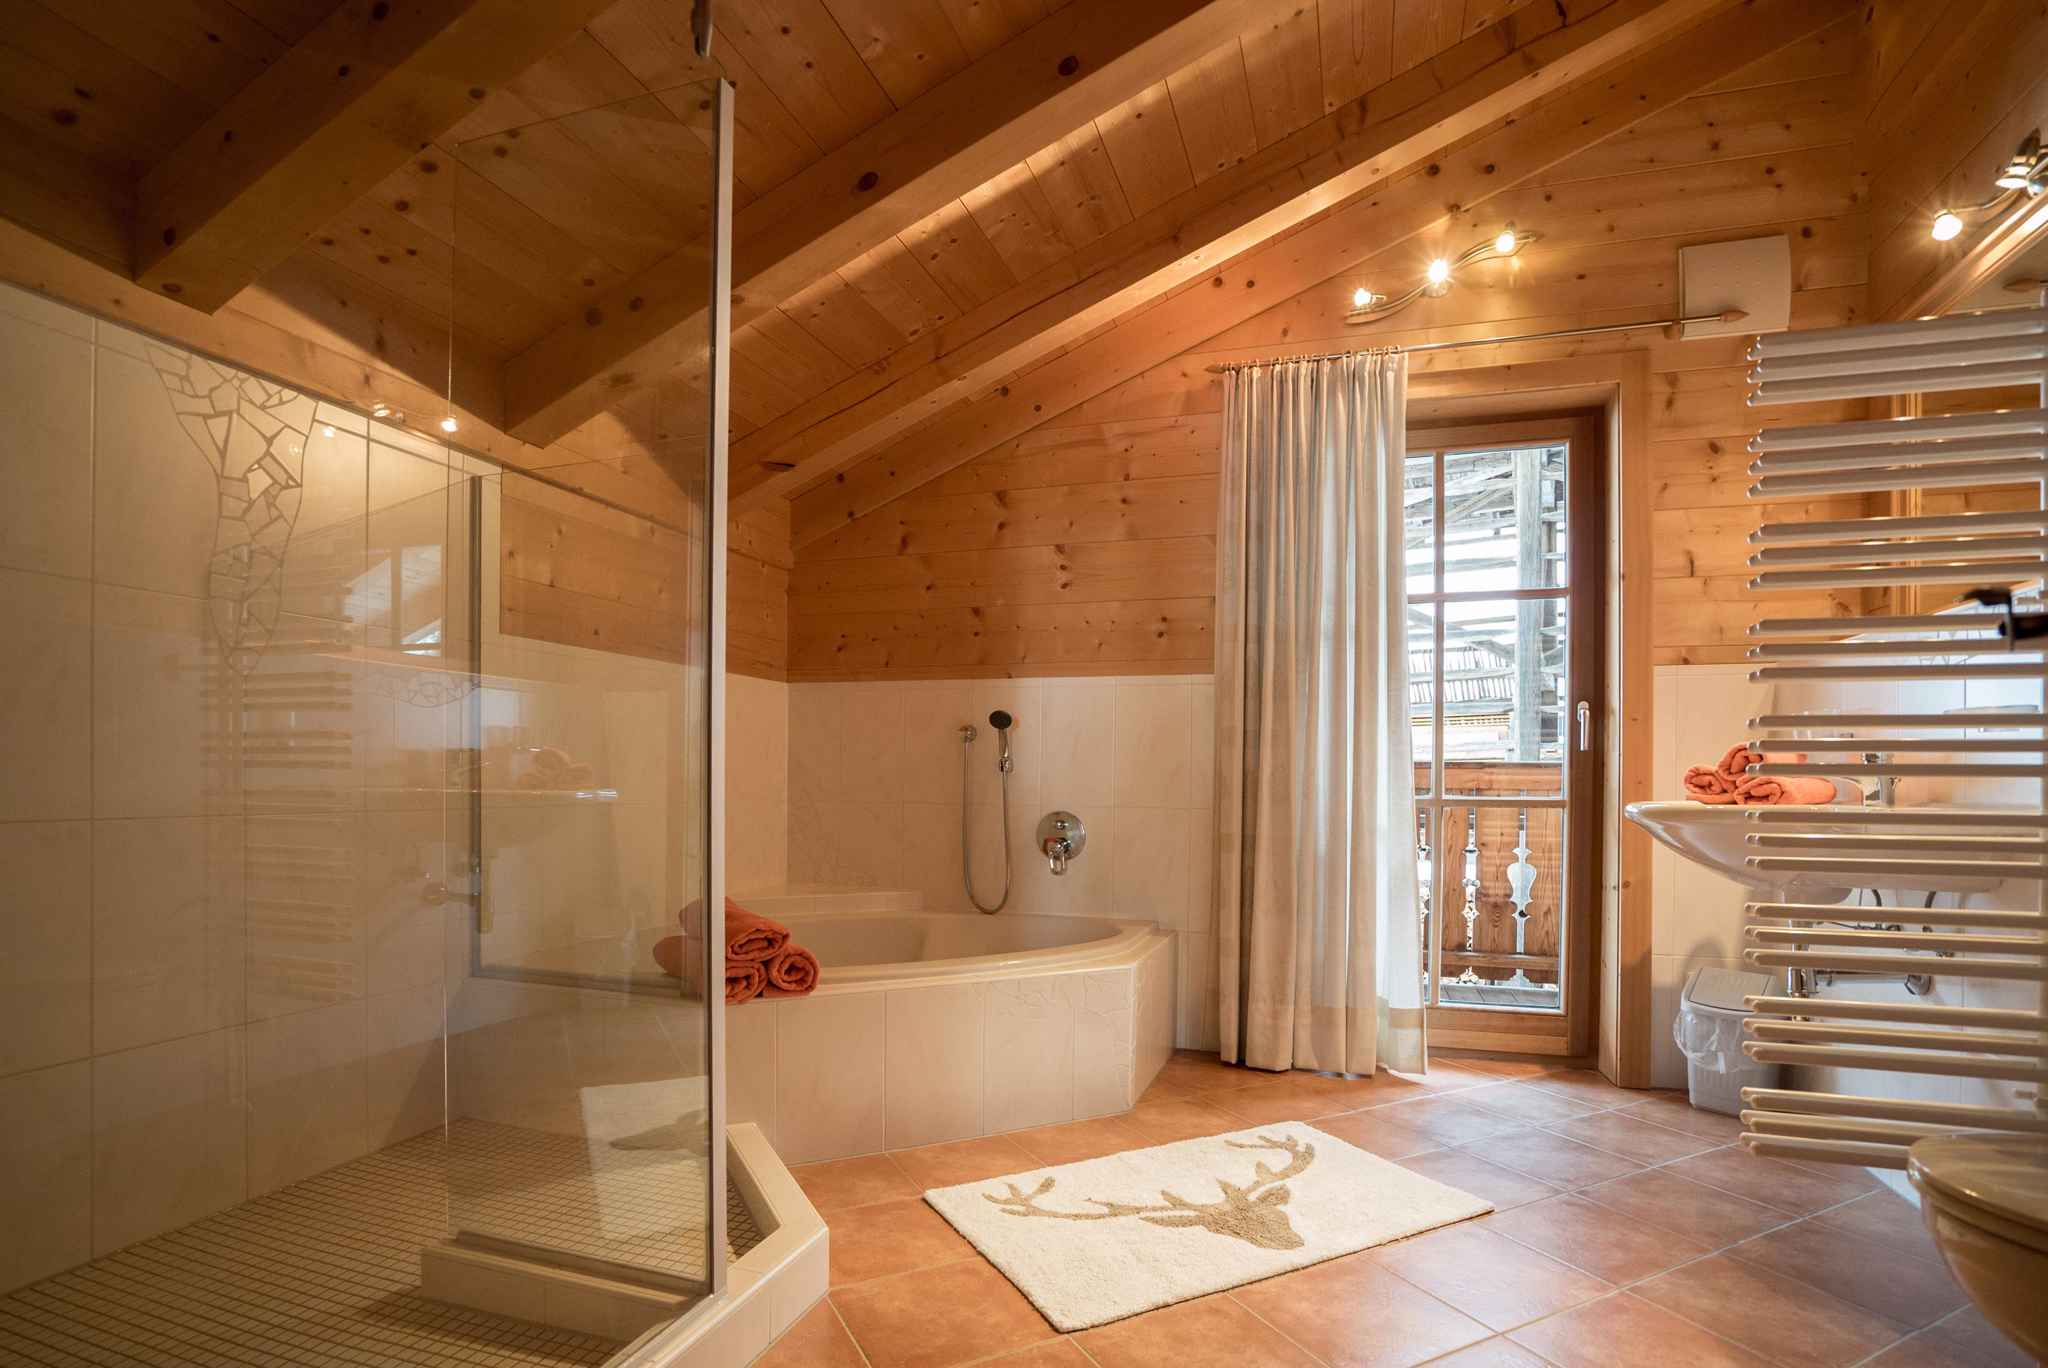 Ferienhaus mit Balkon (957047), Außervillgraten, Osttirol, Tirol, Österreich, Bild 10